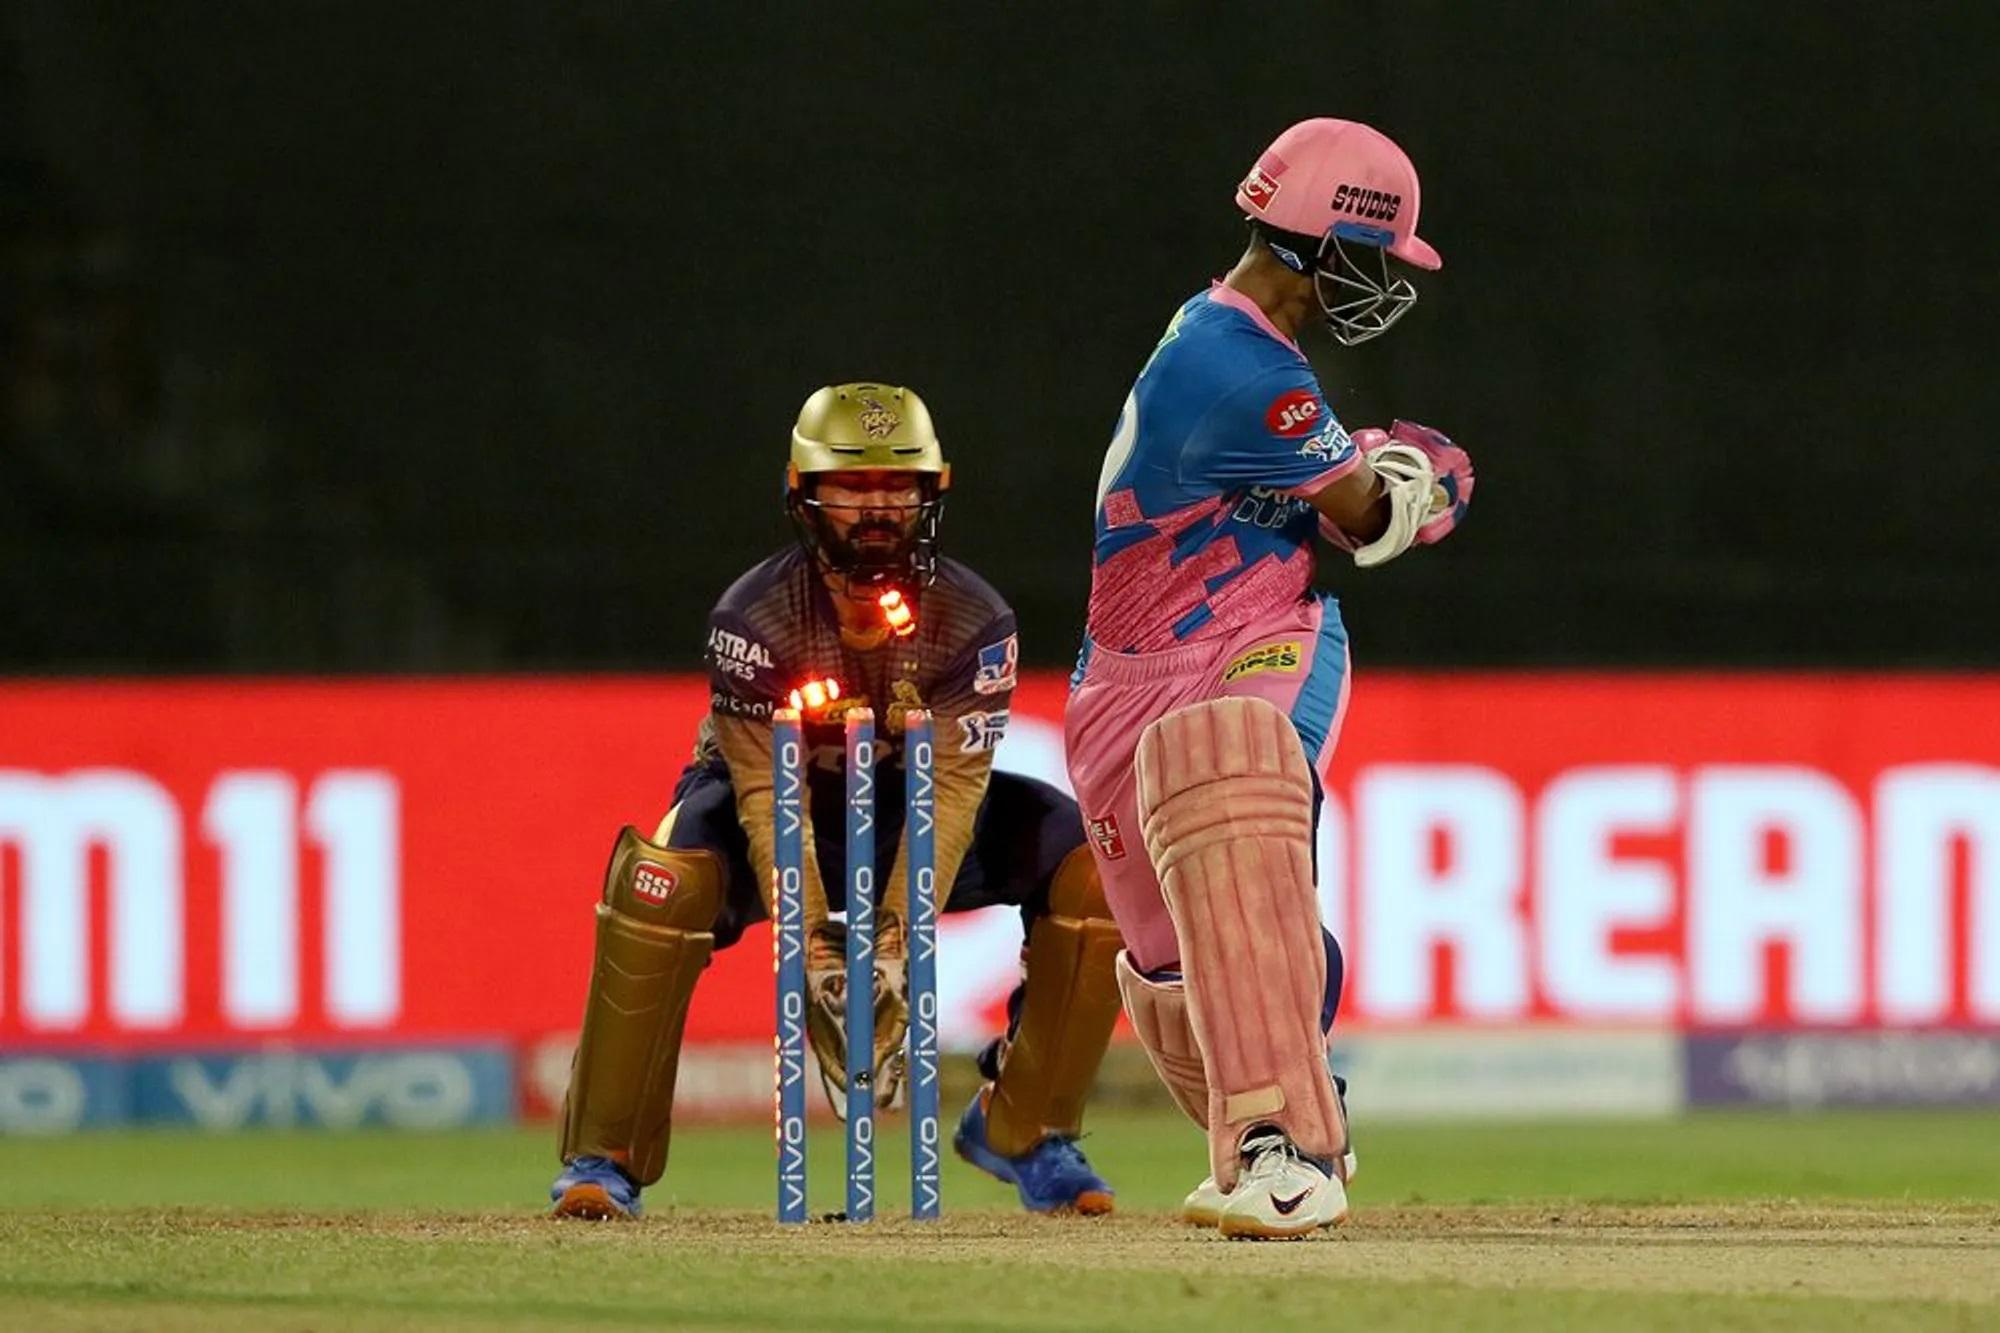 पूरे सीजन में अच्छी बल्लेबाजी करने वाले यशस्वी जायसवाल आखिरी मैच में 0 पर आउट हो गए। वो भी एक अजीबोगरीब शॉट खेलने के चक्कर में। उनसे पहली ओवर की शुरुआती दो गेंद पर रन नहीं बना तो तीसरी पर वो स्विच हिट लगाने चले गए। स्विच हिट आप जिस हाथ बल्लेबाजी करते हों उसके बजाए उलटकर शॉट खेलें, लेकिन वो चूक गए। एकदम अपनी टीम की तरह।